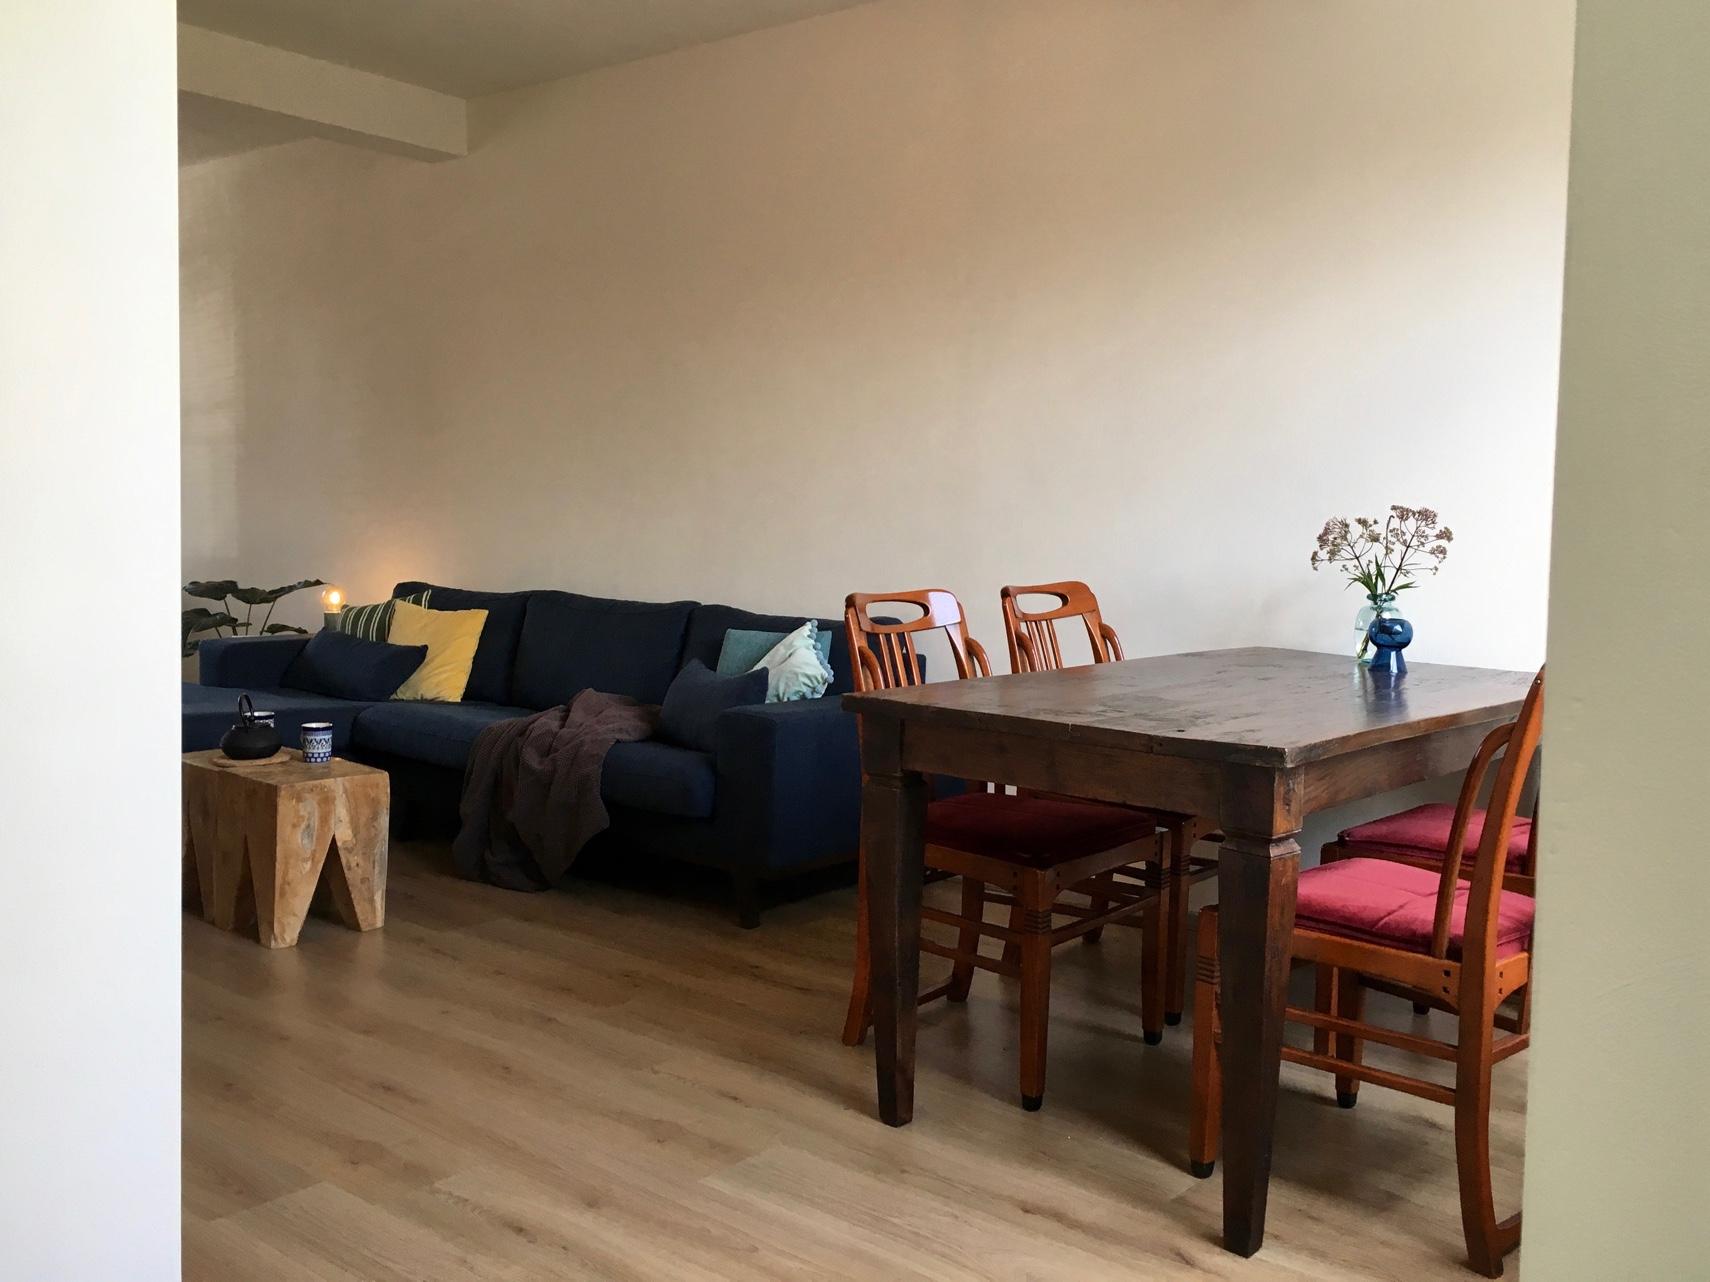 Huis styling, blog 6, goed gevoel, routines-3